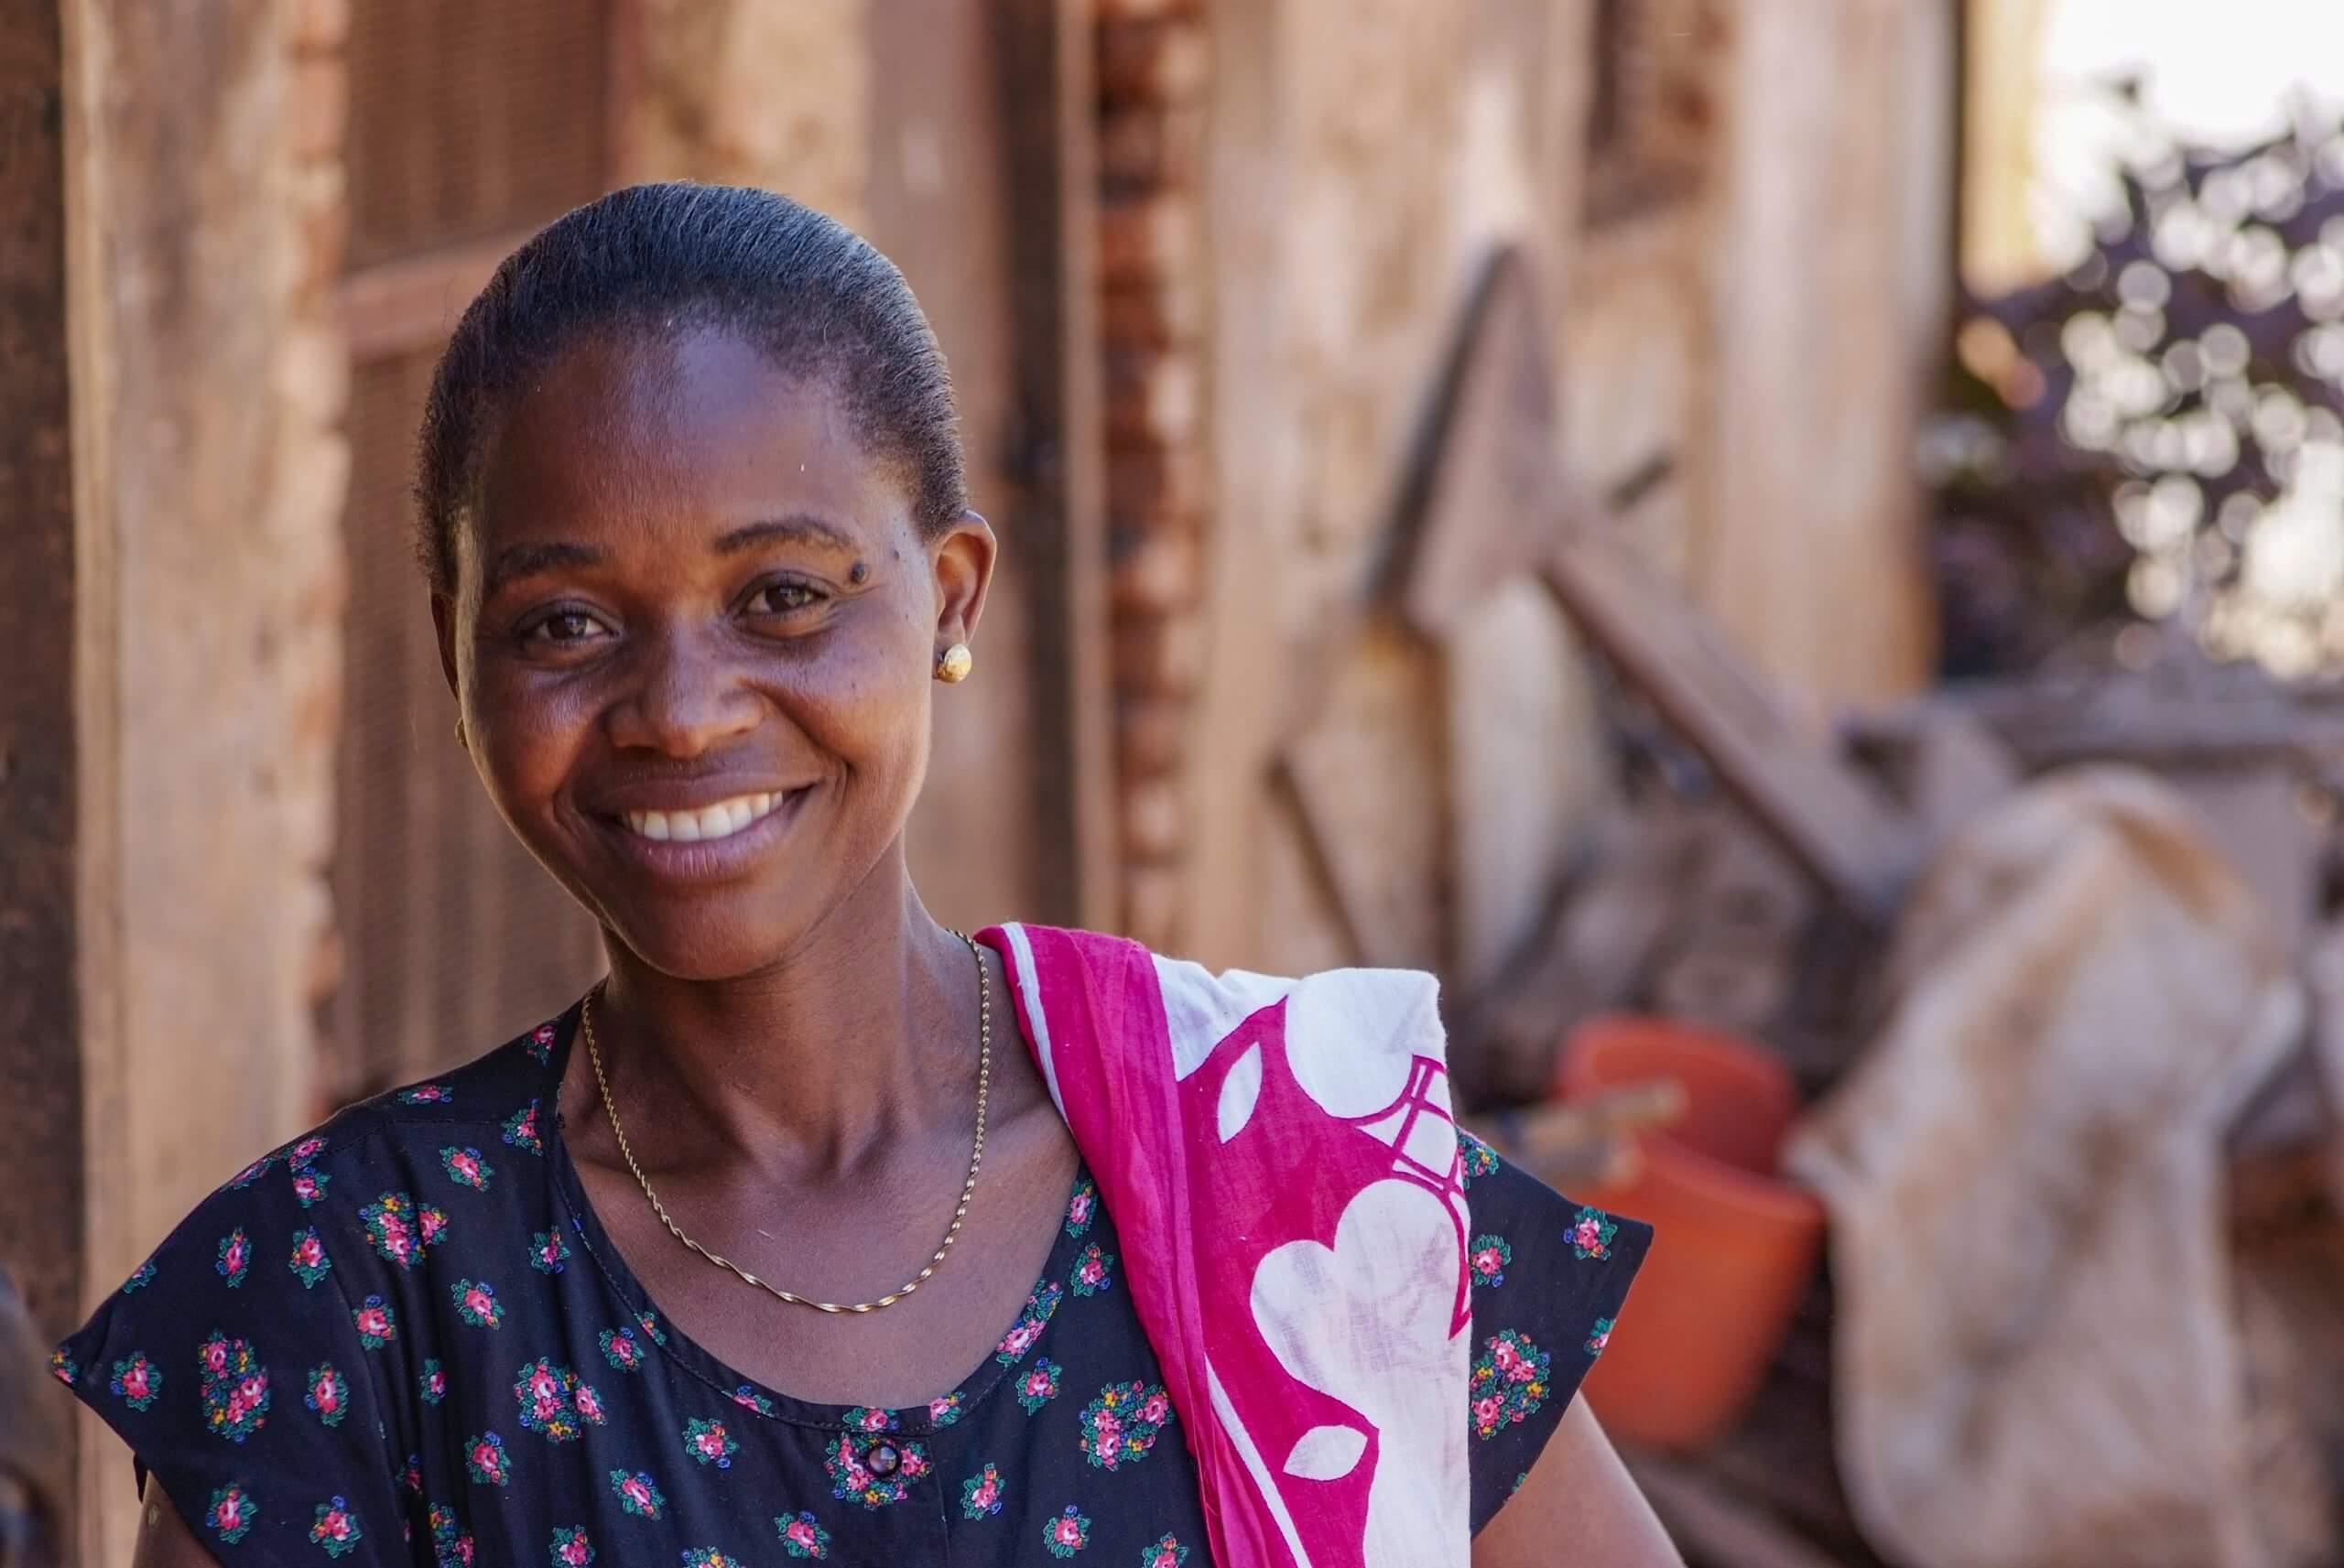 17 02 boerin trotsevrouw Violet Cheti Muheza Tanzania 4526 scaled